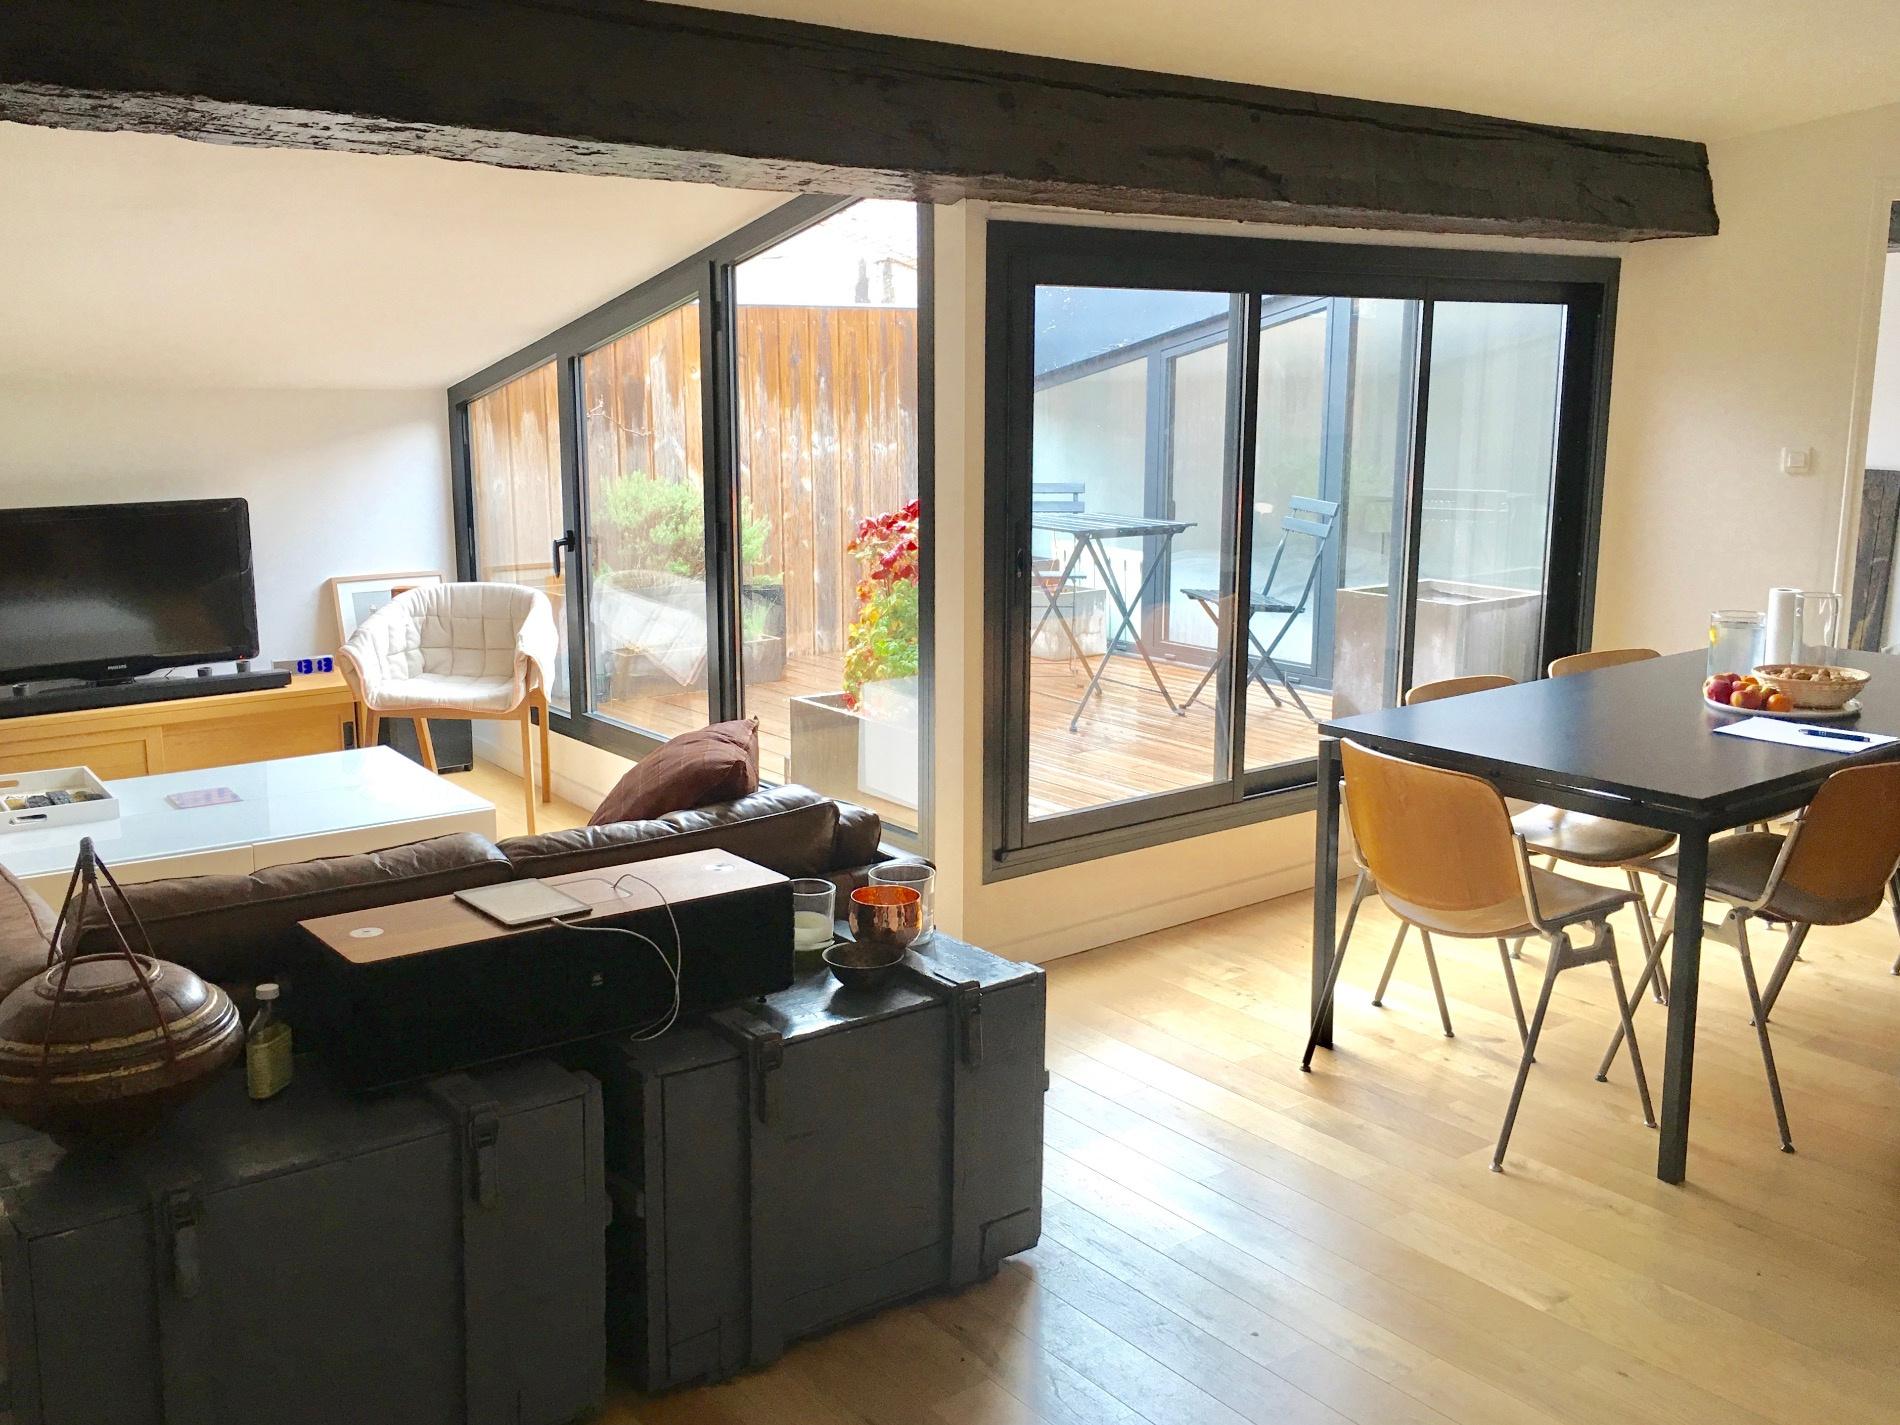 Vente bordeaux chartrons t2 55m2 avec terrasse avec terrasse for Appartement bordeaux chartrons t2